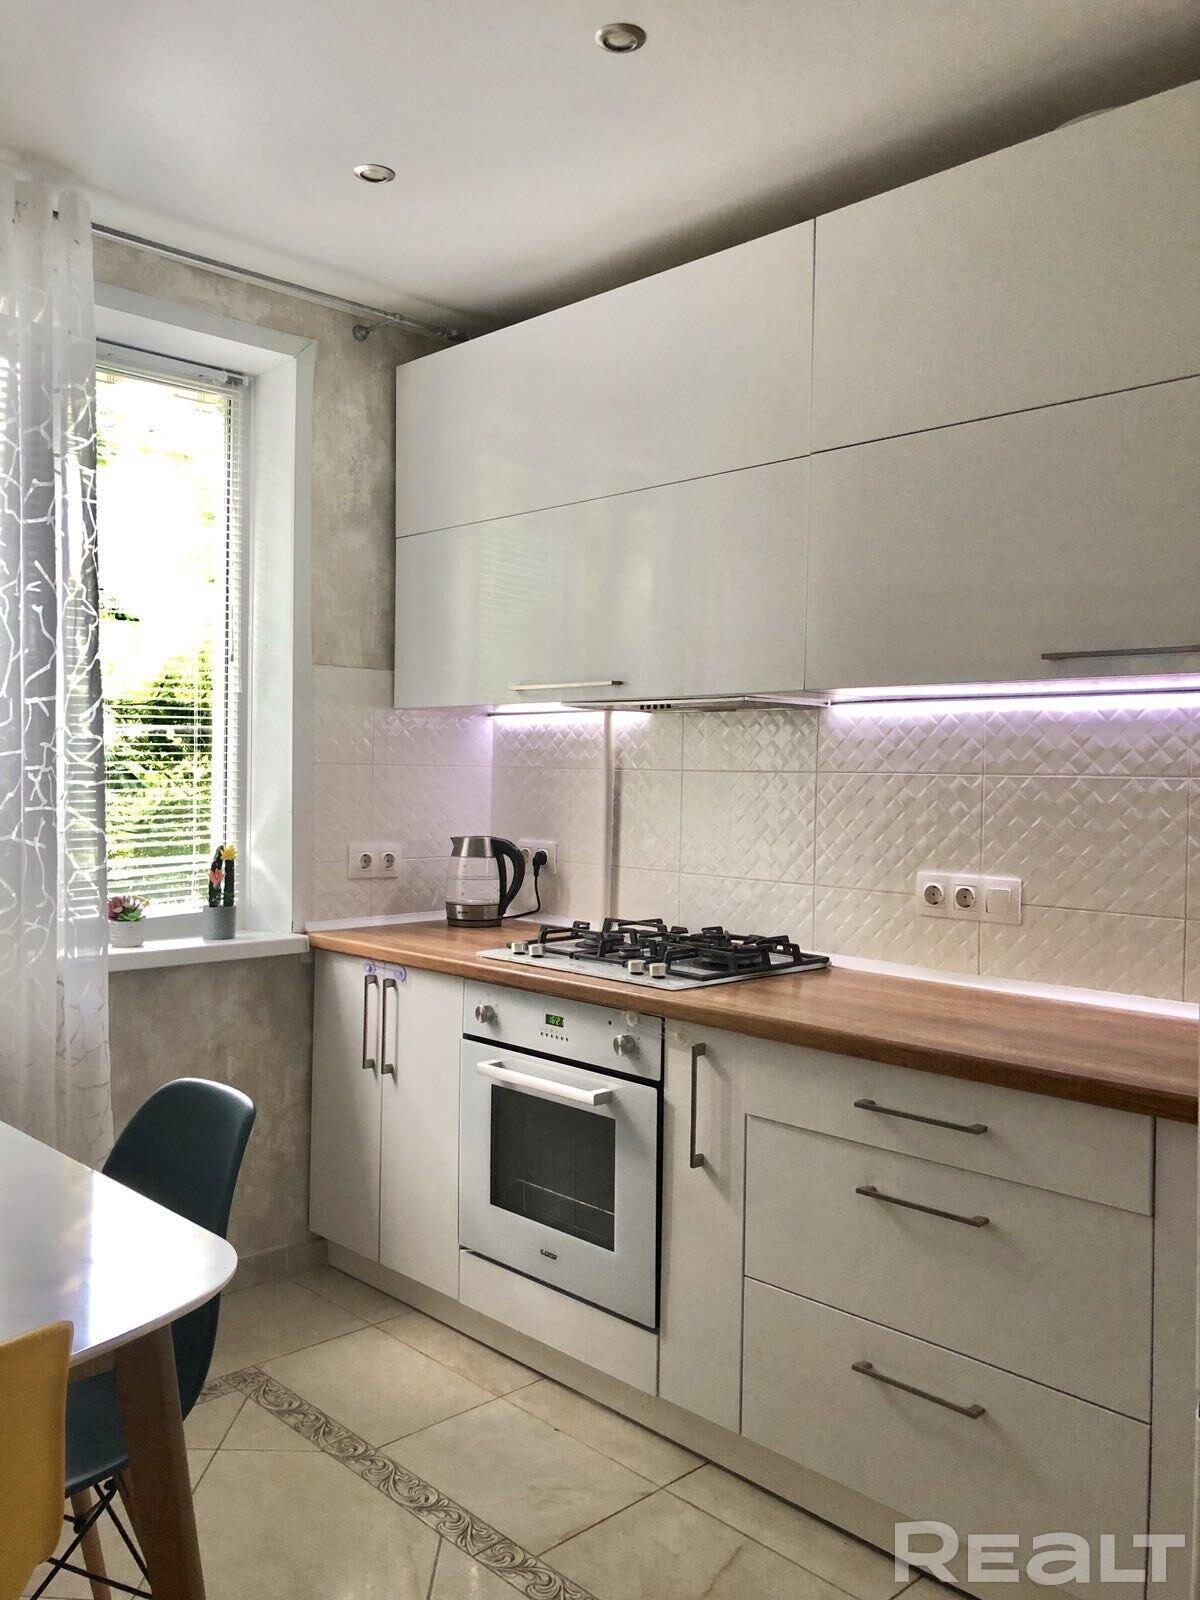 Продажа 2-х комнатной квартиры в г. Минске, ул. Чайлытко, дом 15 (р-н Сухарево). Цена 168 980 руб